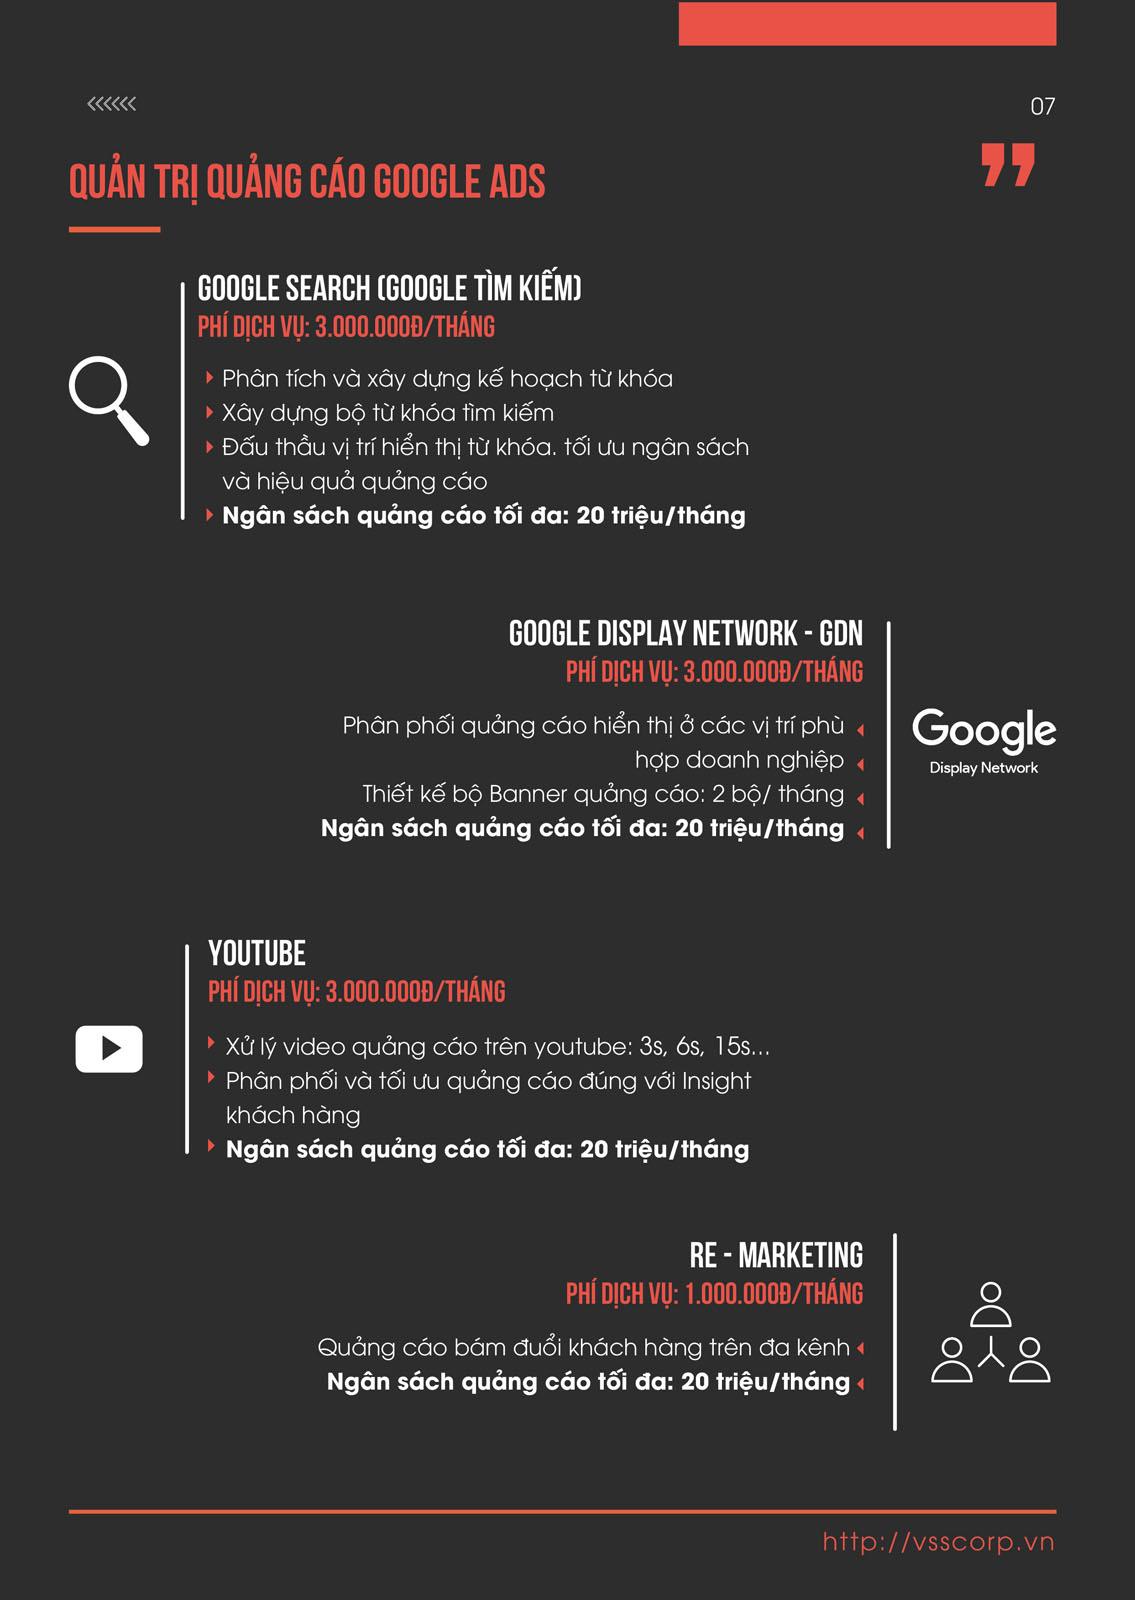 quản trị quảng cáo google ads vsscorp